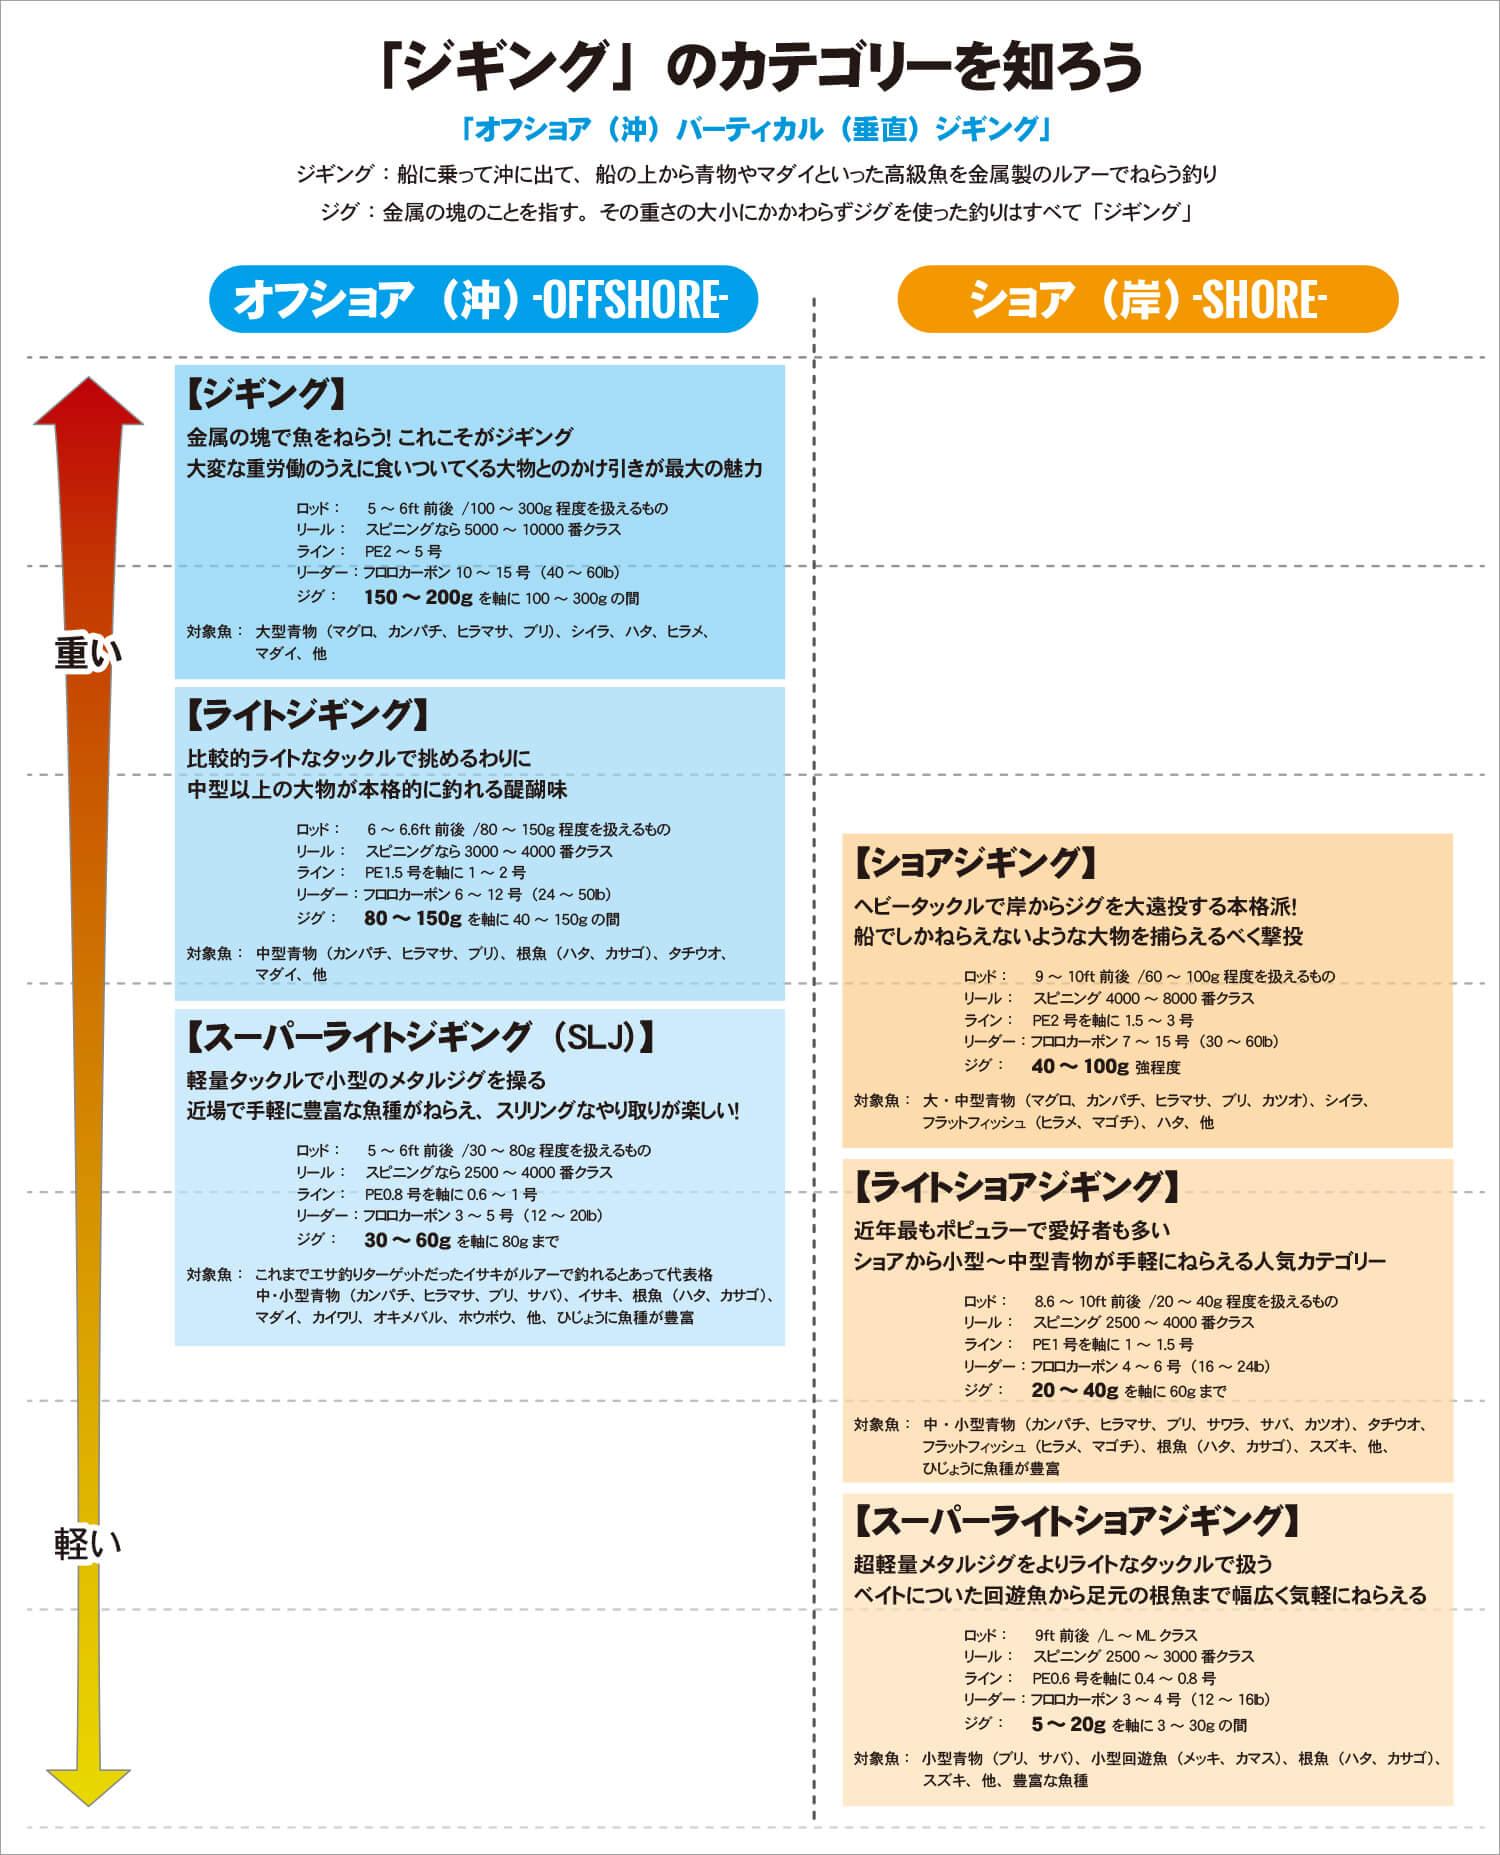 13_ ジギングカテゴリー体系図